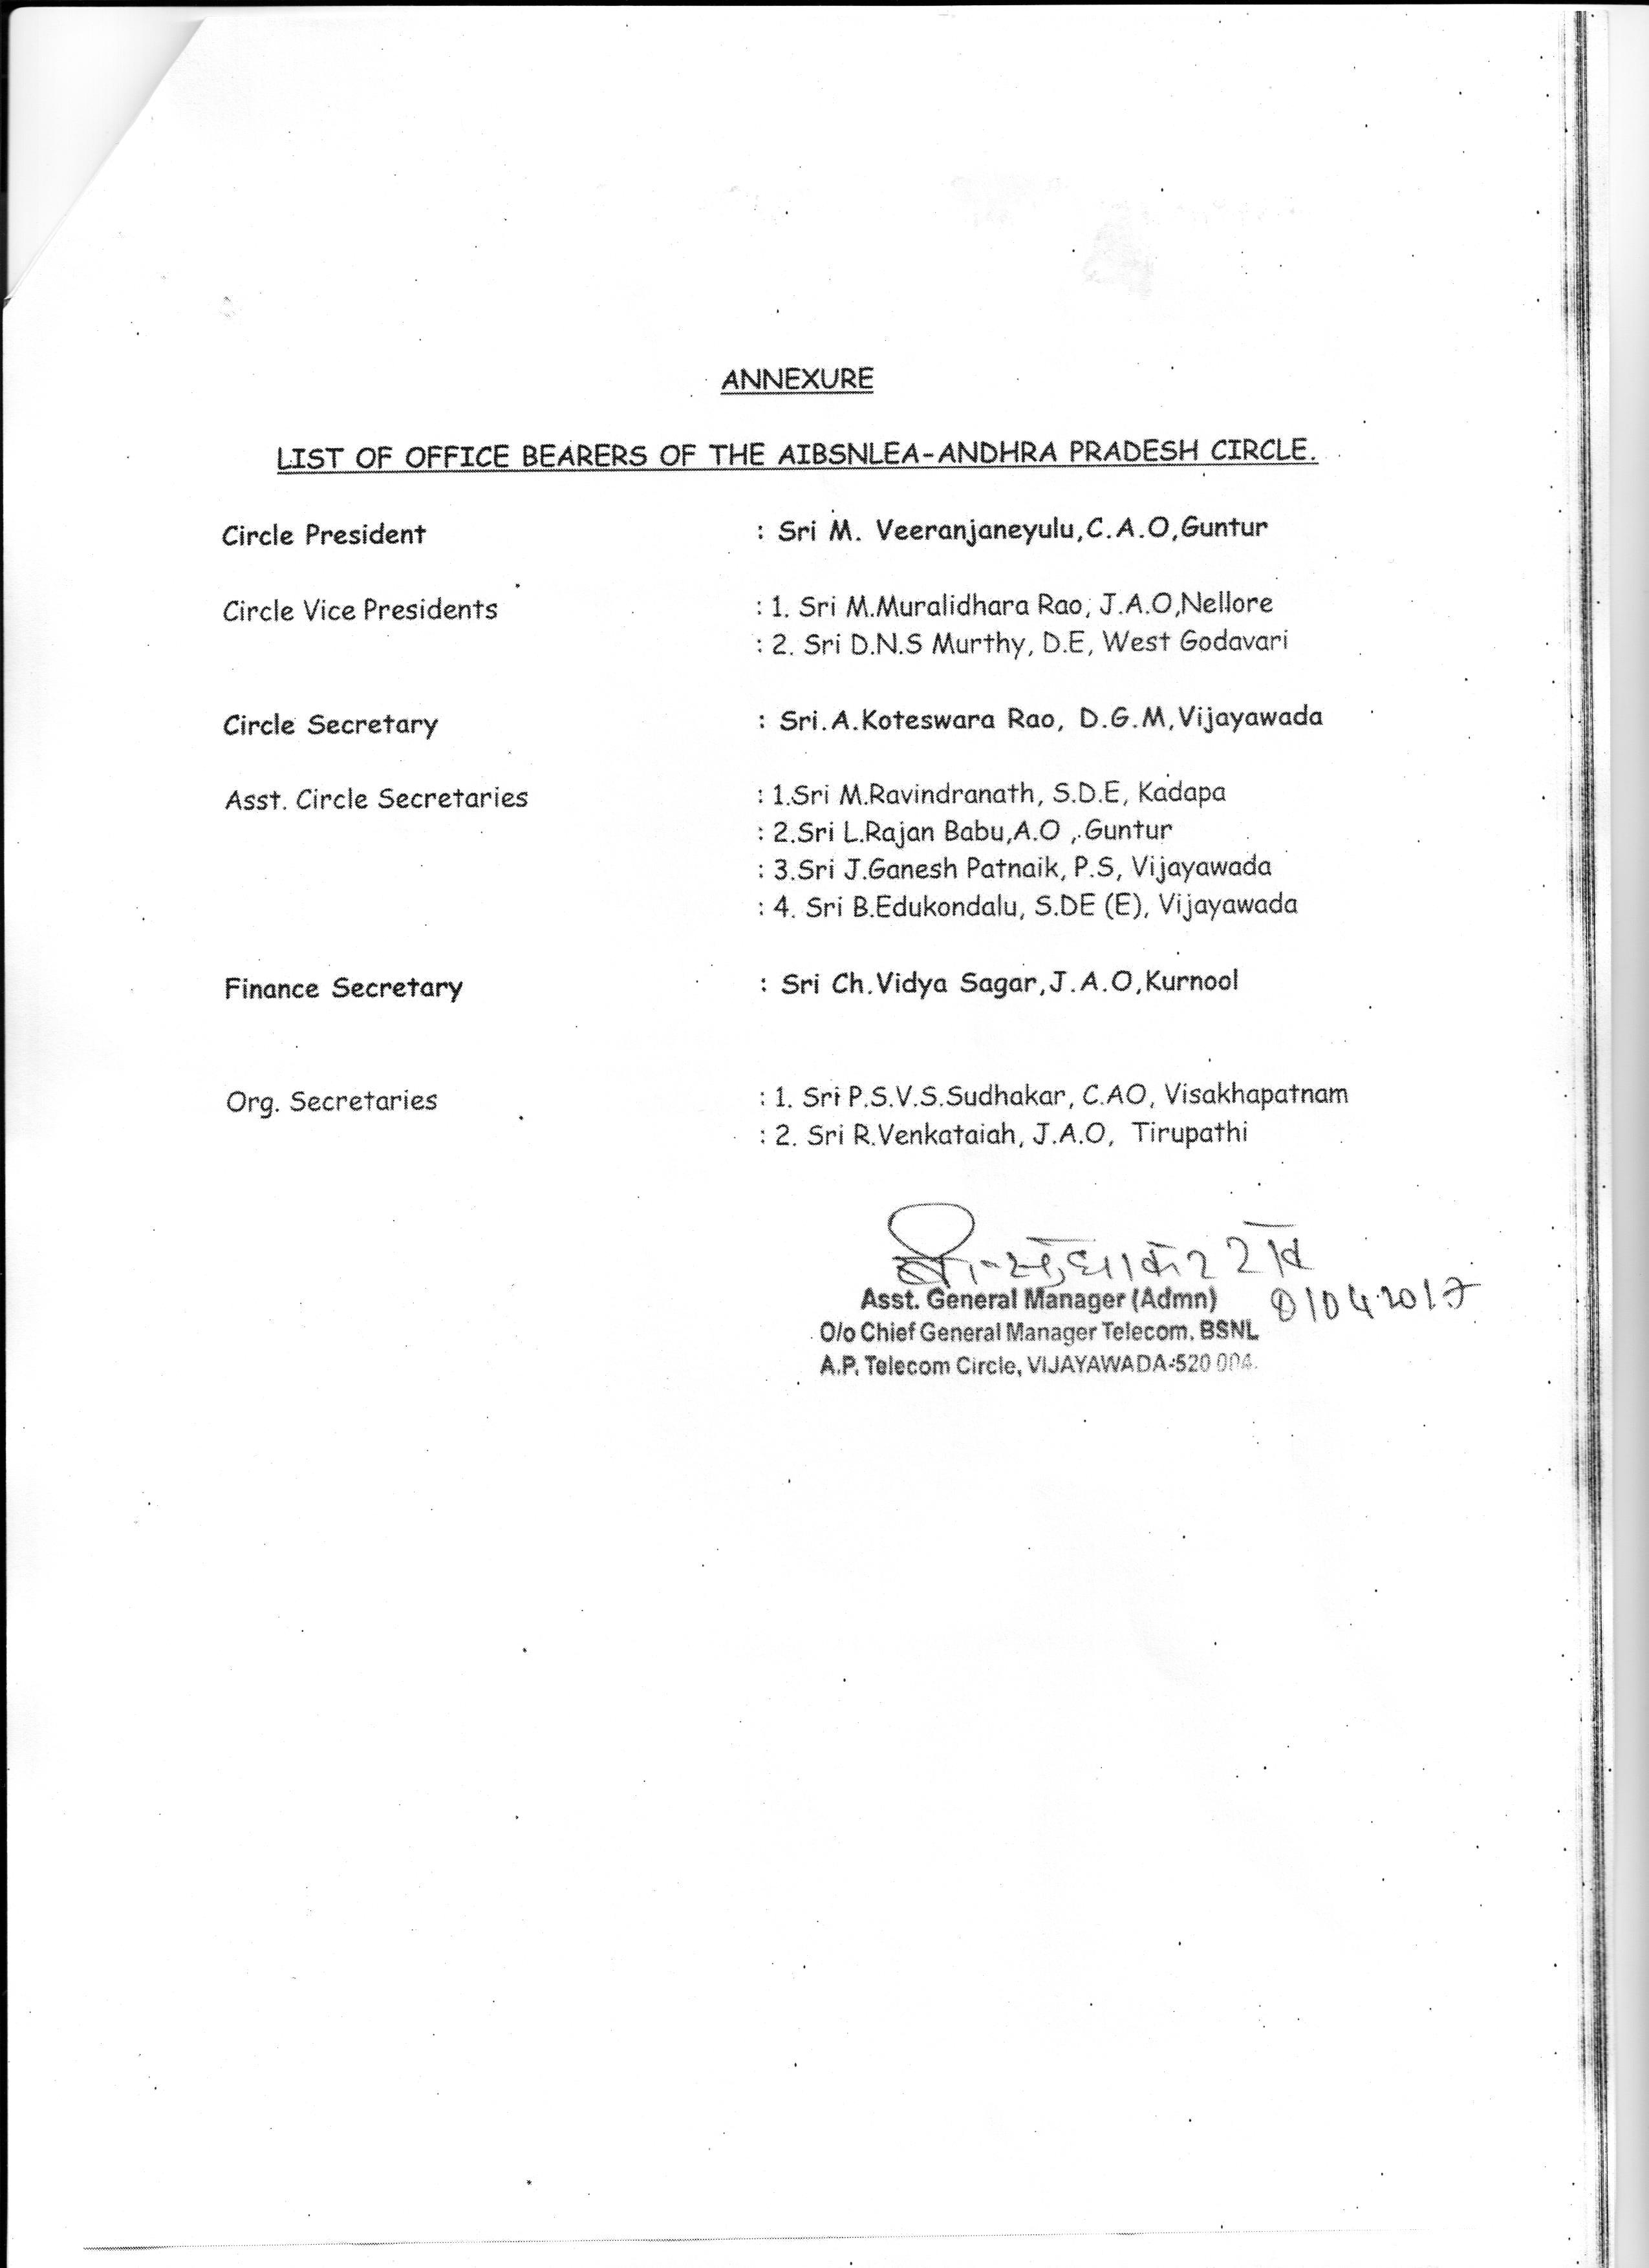 AIBSNLEA AP CIRCLE ,Vijayawada 001